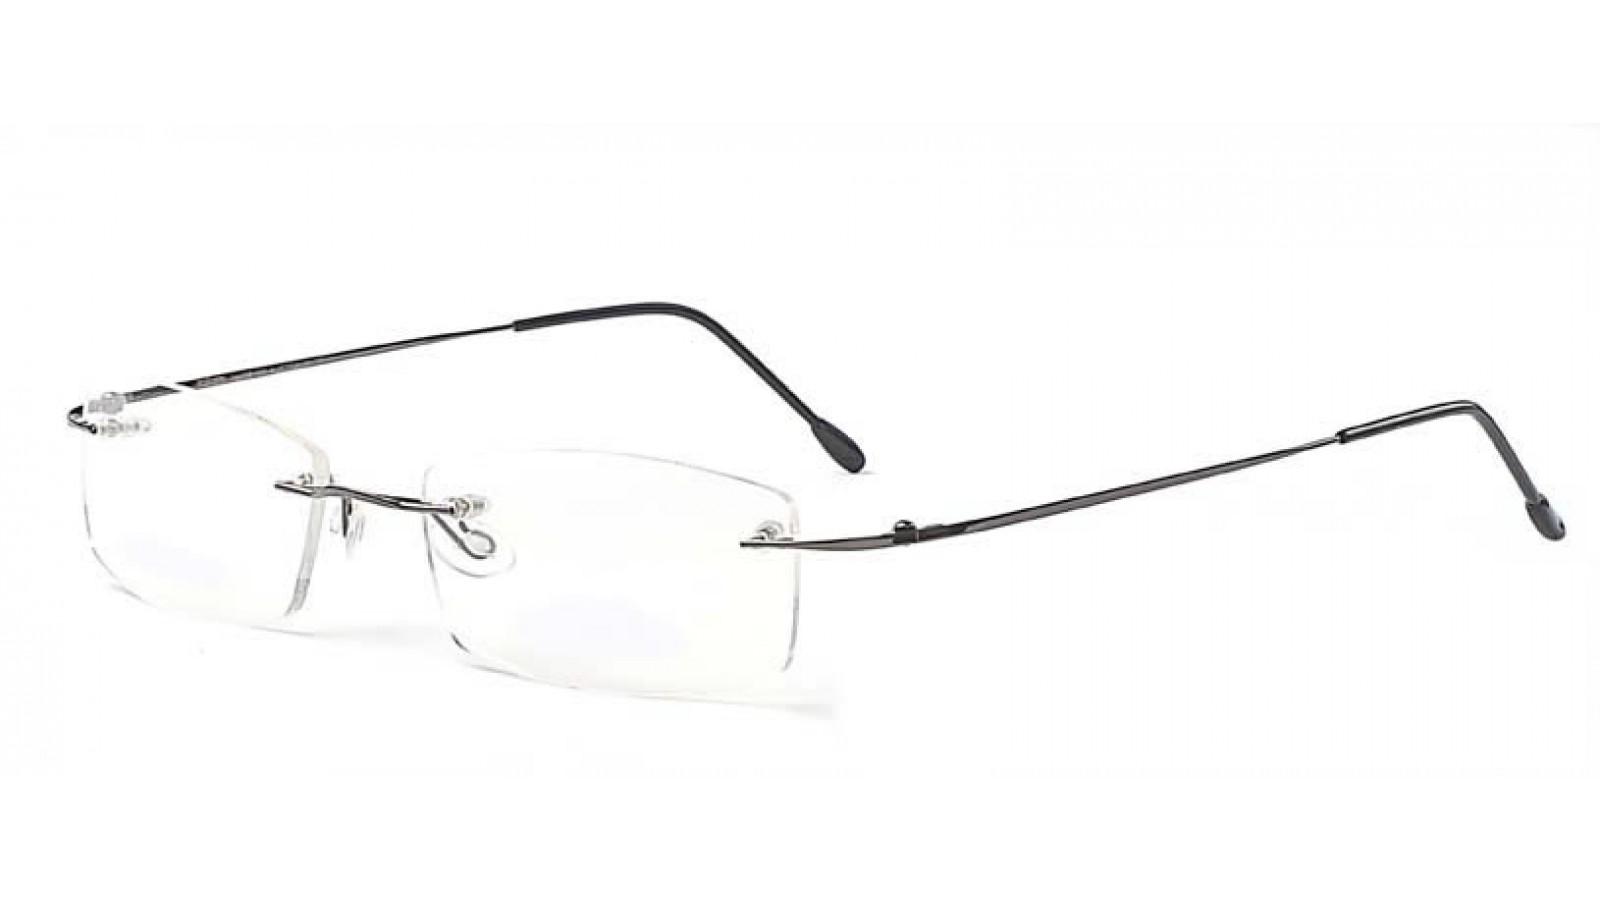 brille kaufen im internet